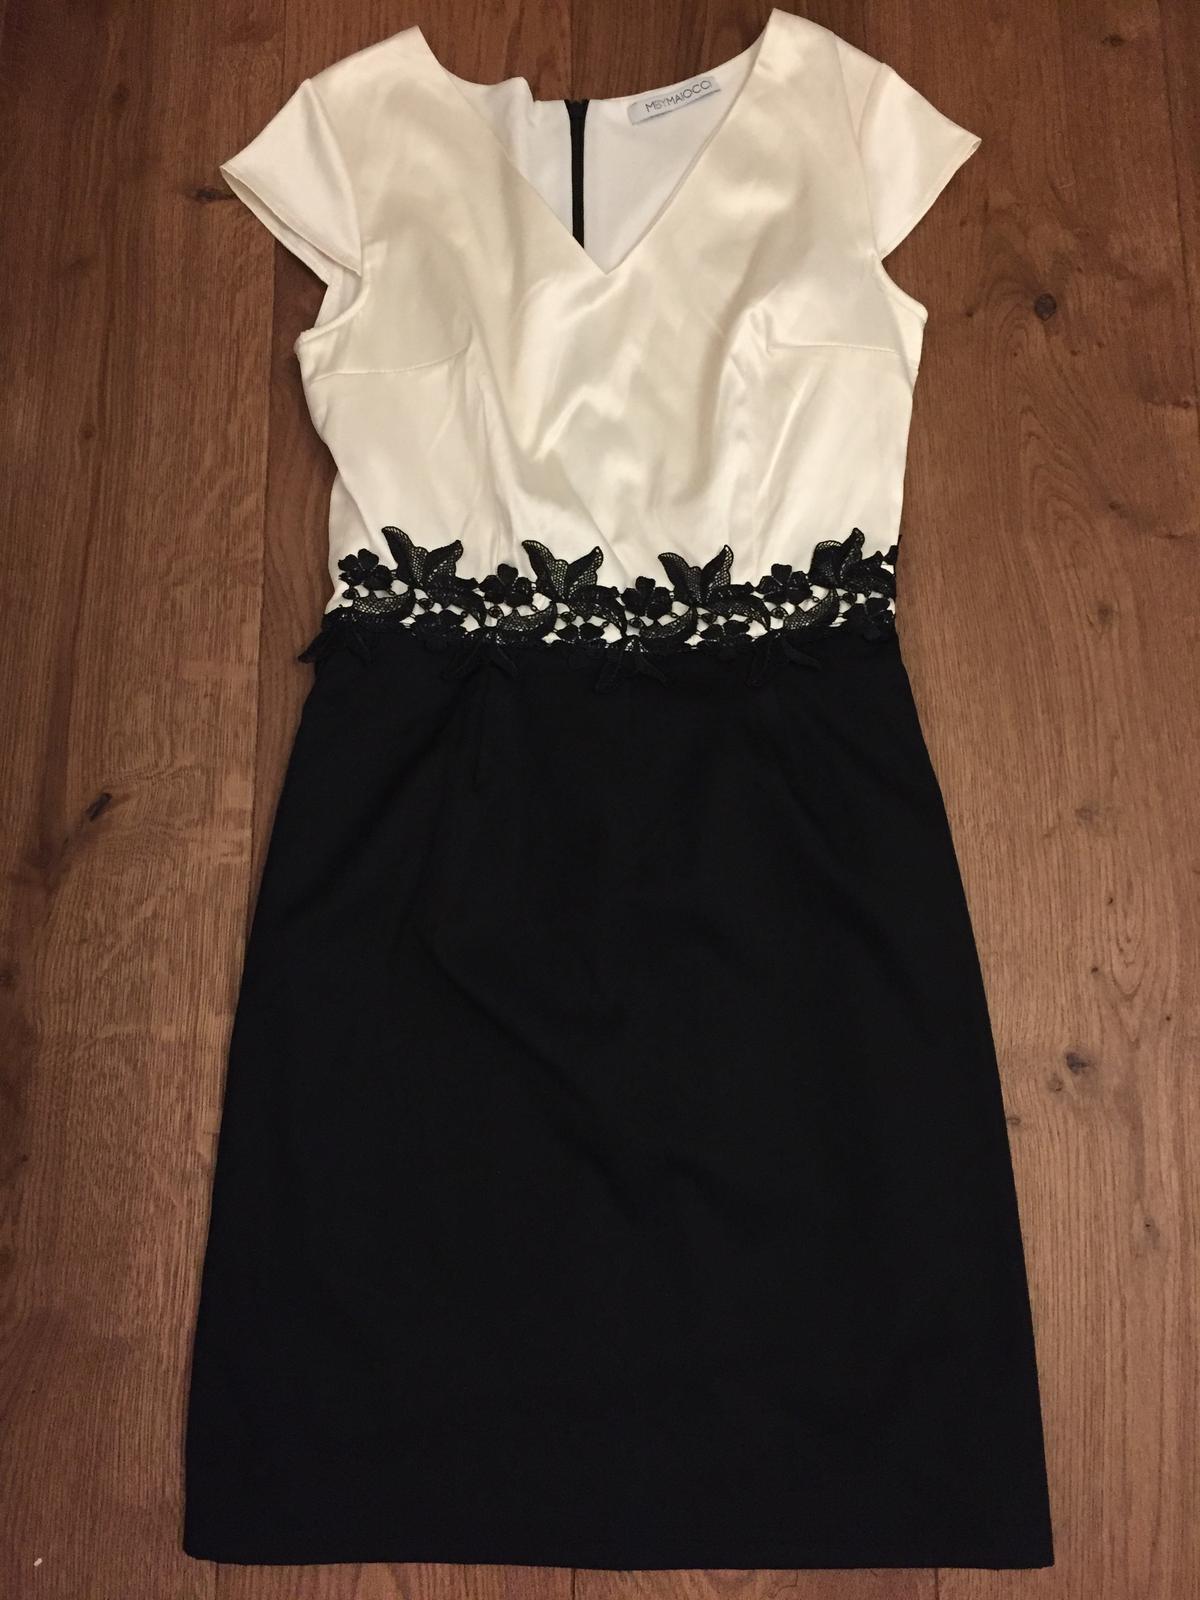 Šaty s čipkou M by Maiocci - Obrázok č. 1